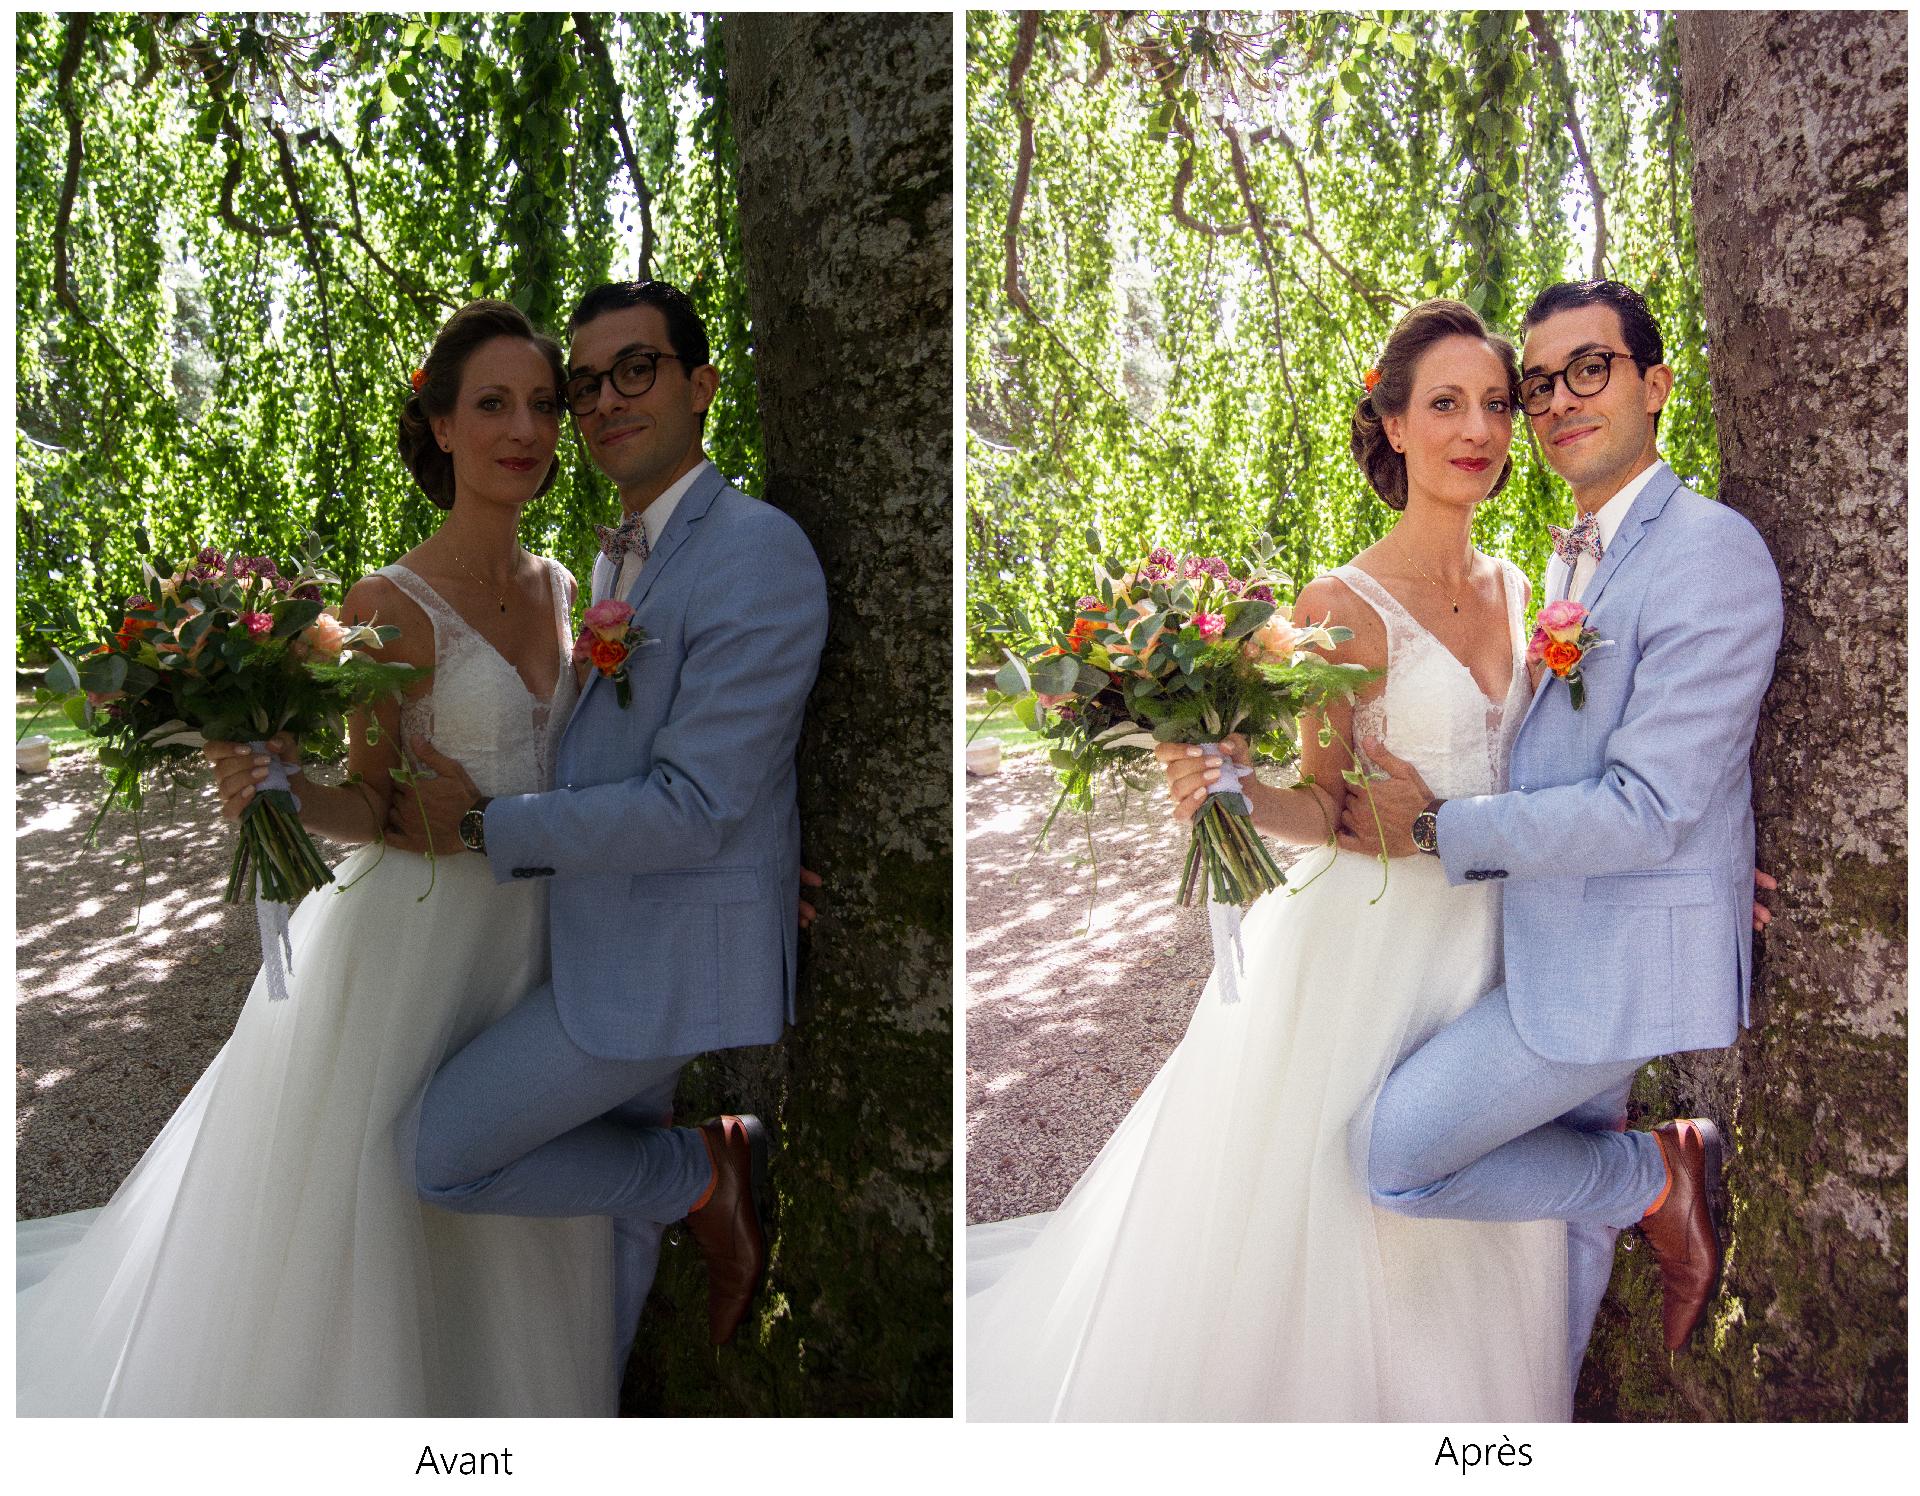 Mariage, Séance couple, reportage de mariage, chateau de Chazelles, Chalencon, Saint-André-de-Chalencon, Haute-Loire, Mariage Haute-Loire